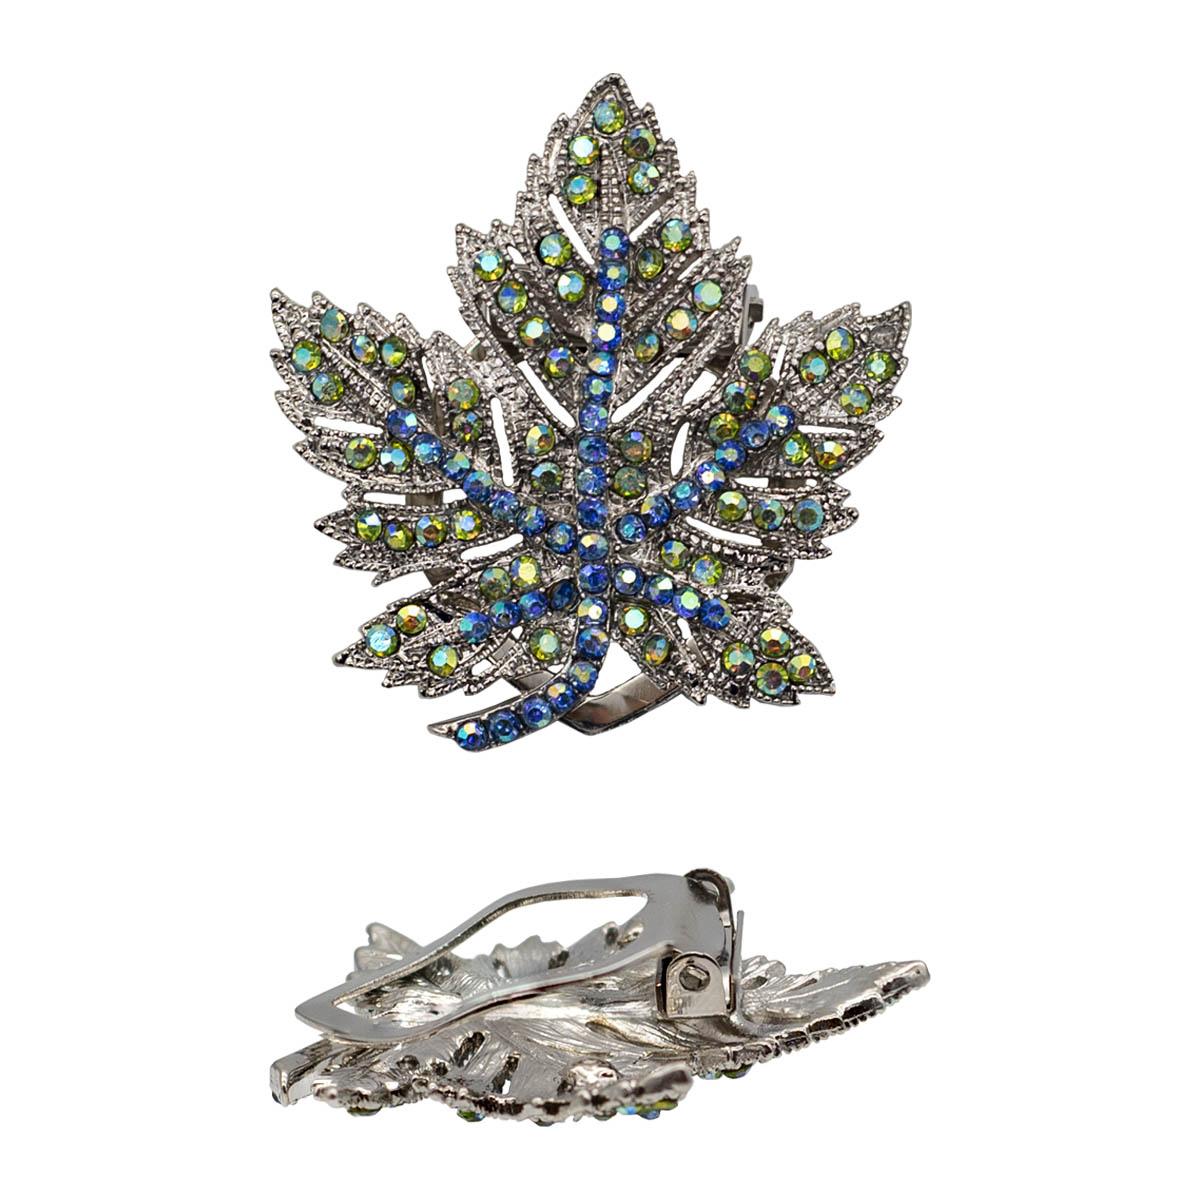 4687500 Зажим для платка 'Лист', цвет радужно-синий в серебре